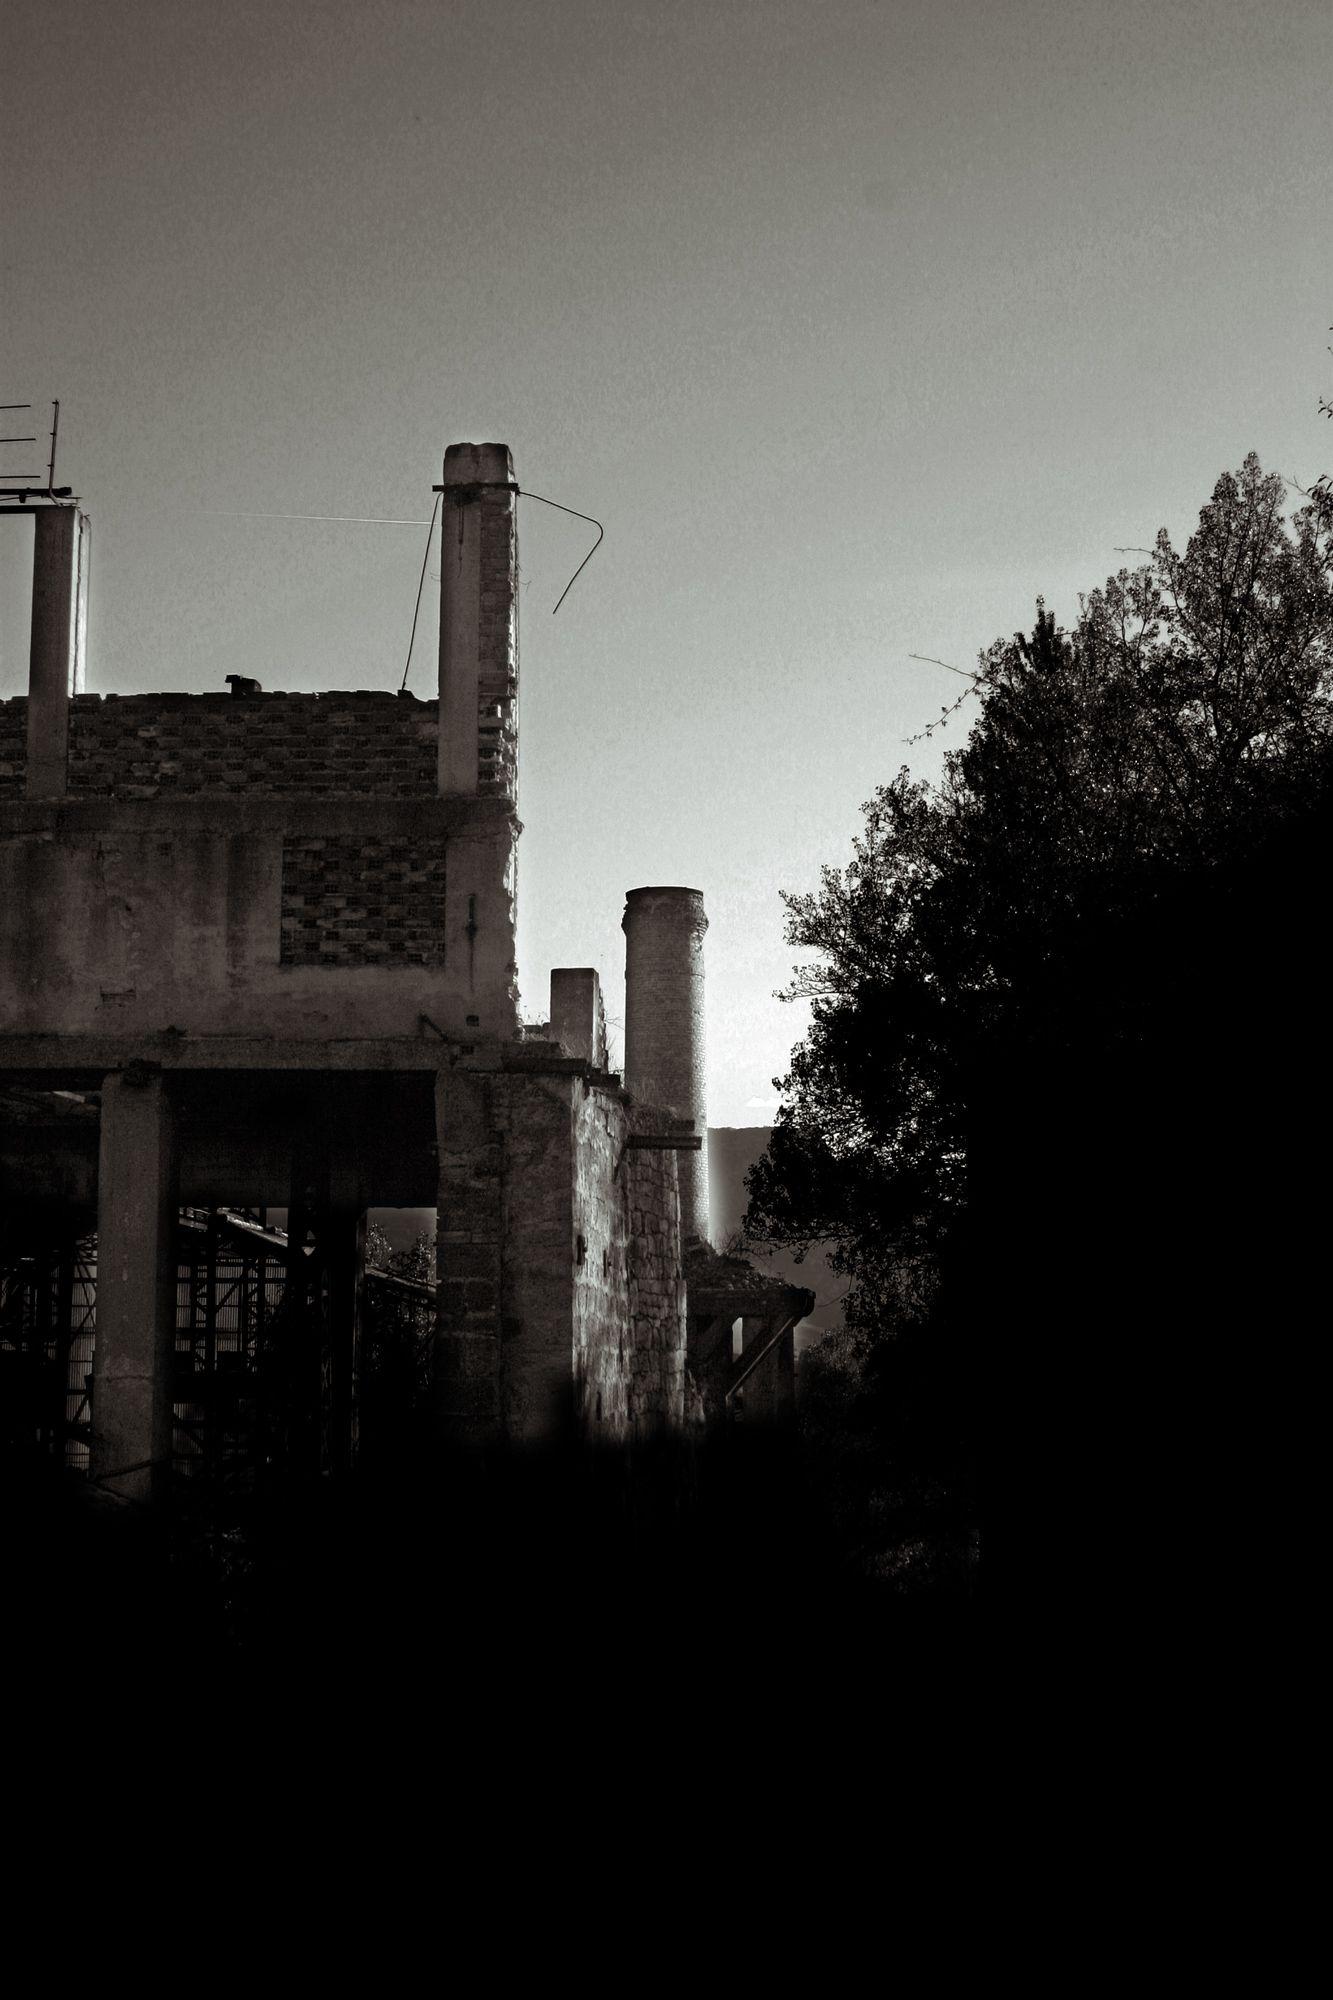 Euskal Herria. Álava / Araba, Araia, fábrica de Ajuria. Noviembre 2009